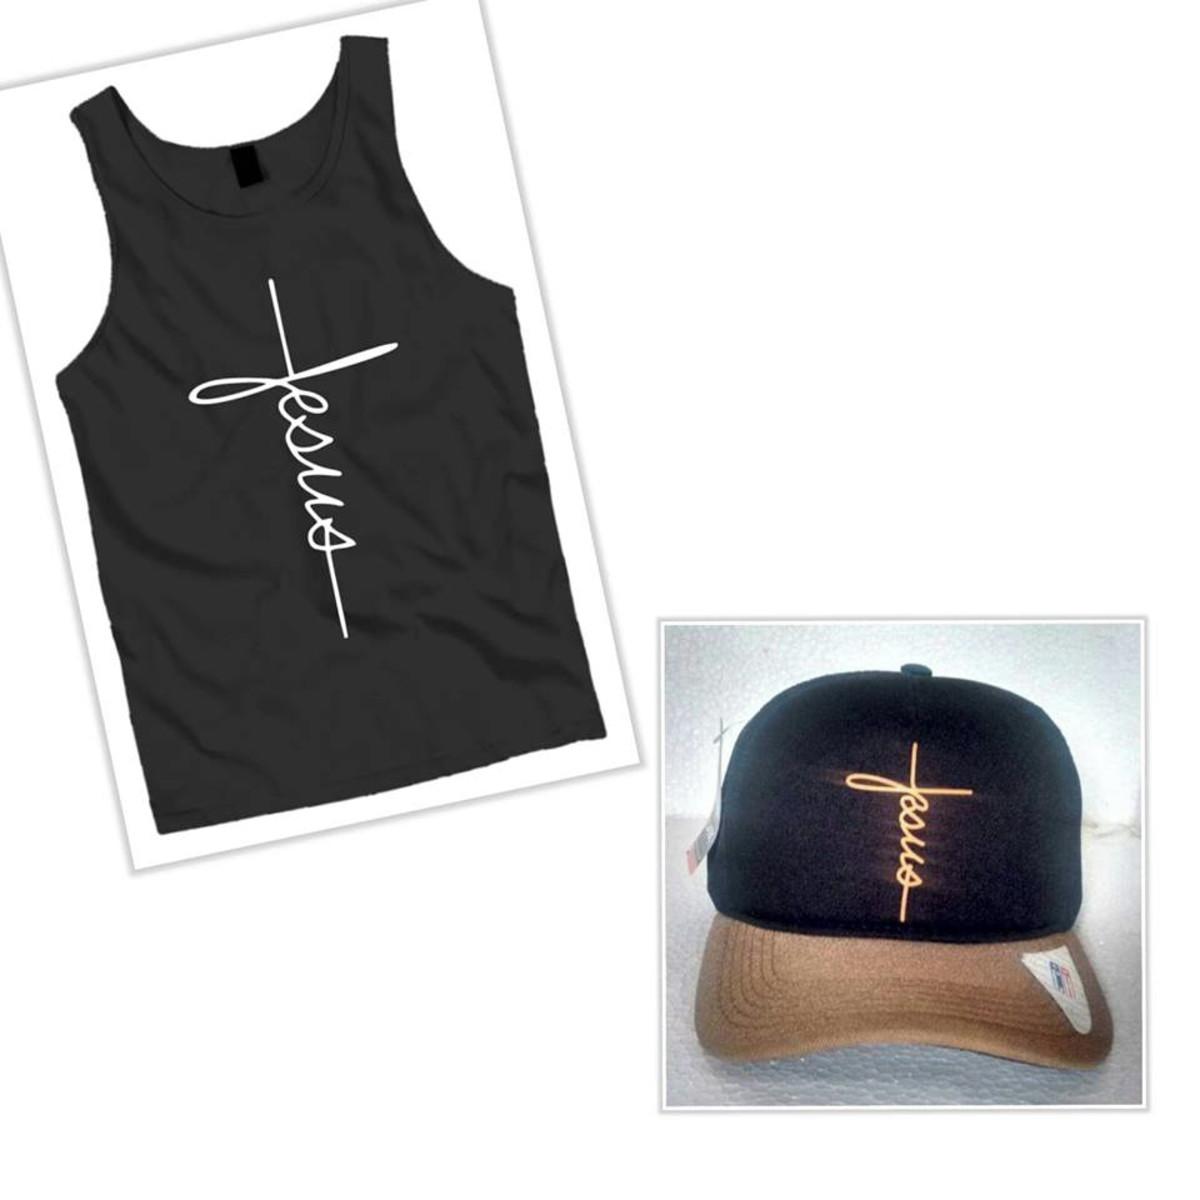 7bea88d115 Kit Camiseta Regata Jesus E Boné Jesus no Elo7